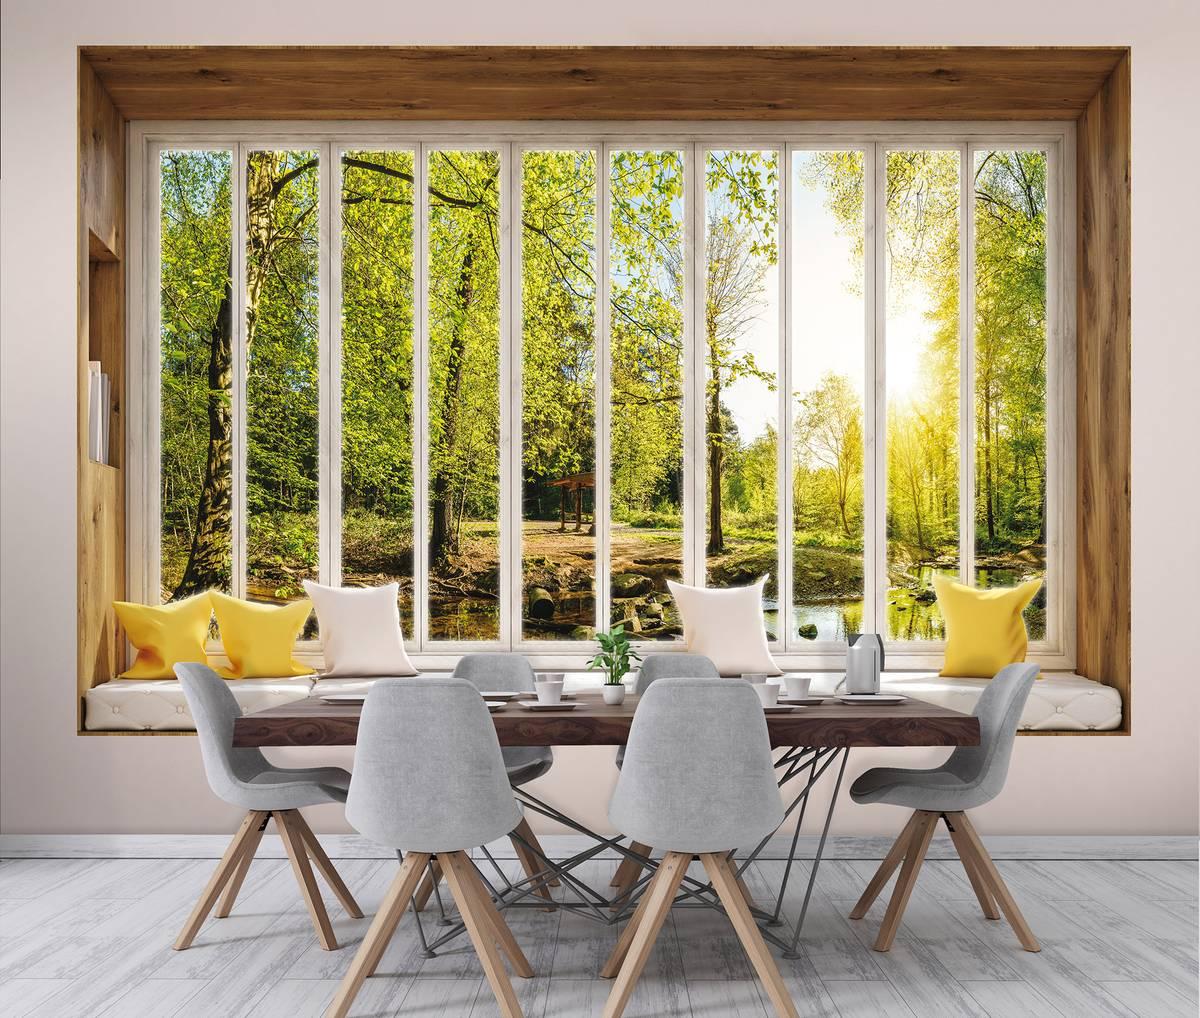 Fototapeta - Slunečný pohled  na stromy z okna (T030441T254184B)